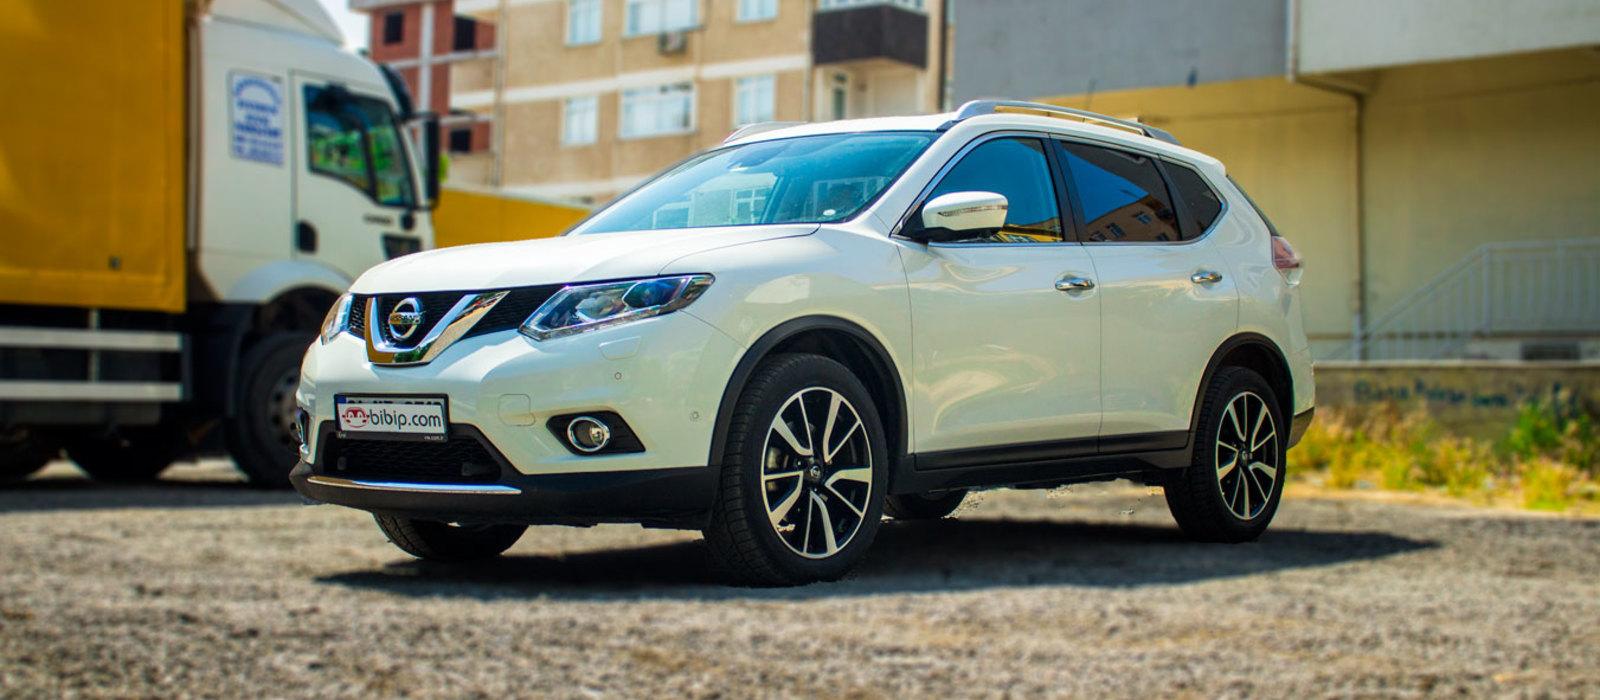 ikinci el araba 2015 Nissan X-Trail 1.6 dCi Platinum Premium Dizel Otomatik 46000 KM